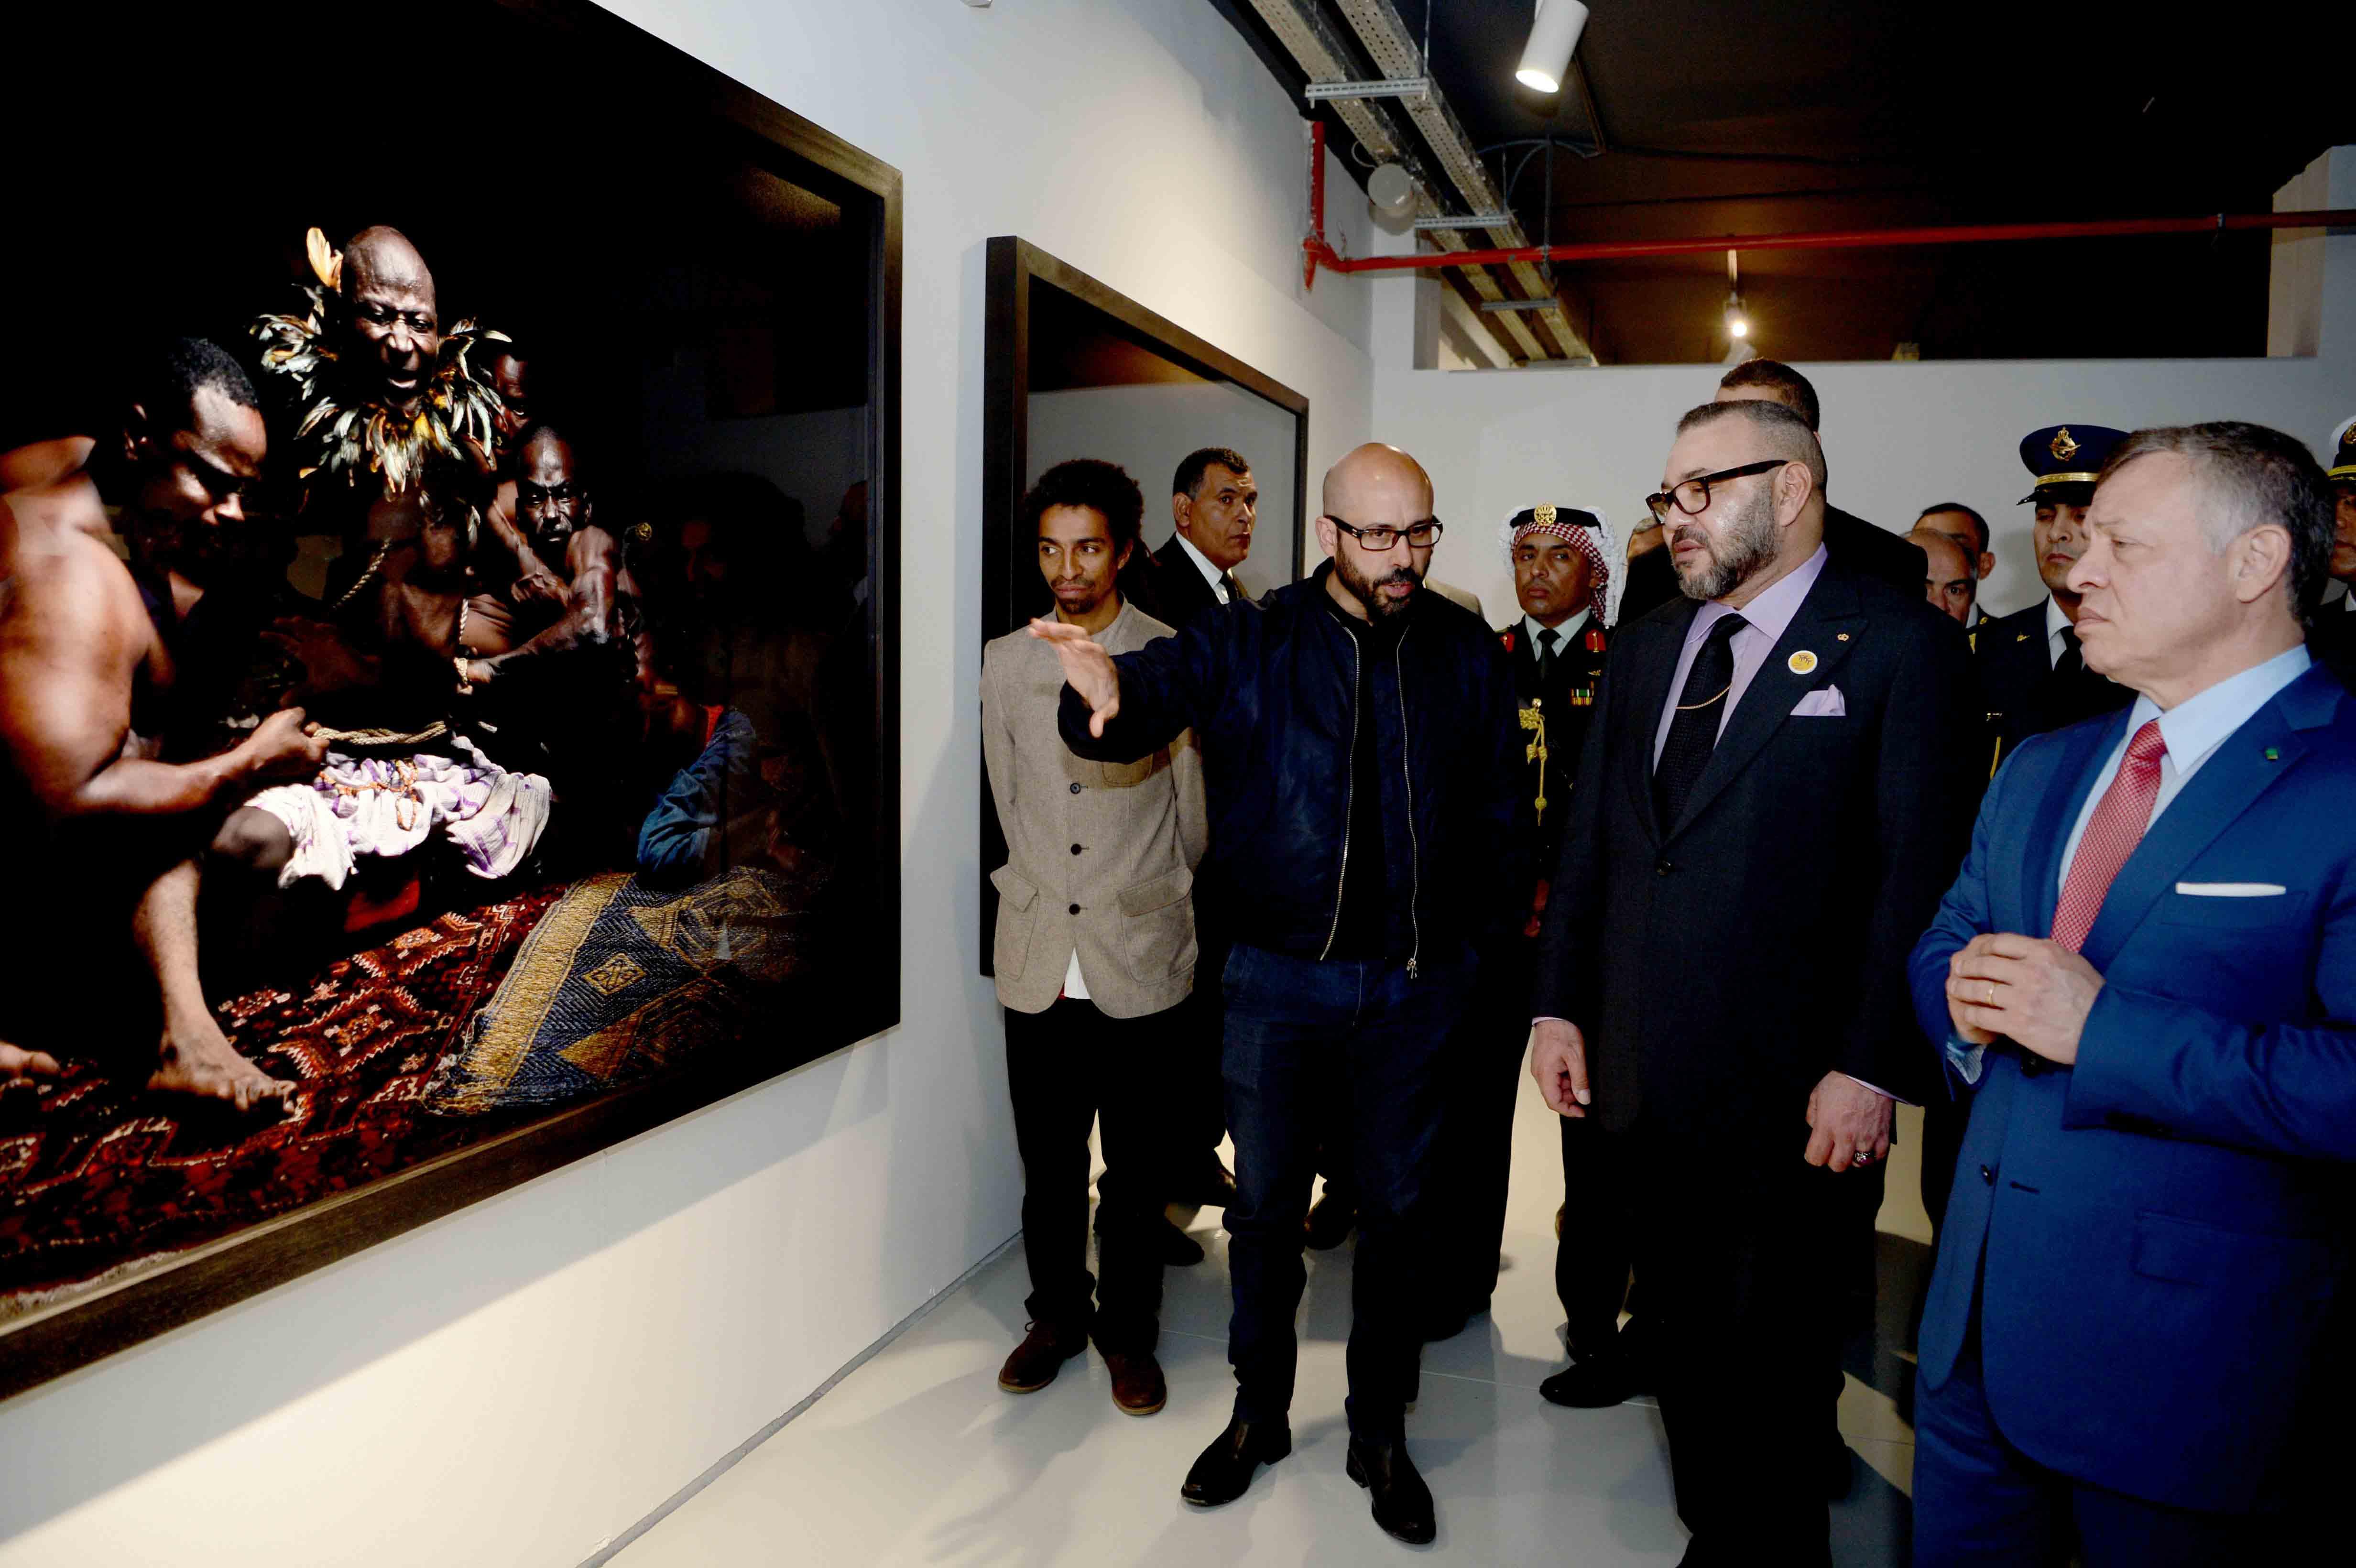 """الملك محمد السادس يدشن معرض """"إشعاع افريقيا من العاصمة"""" رفقة العاهل الأردني"""